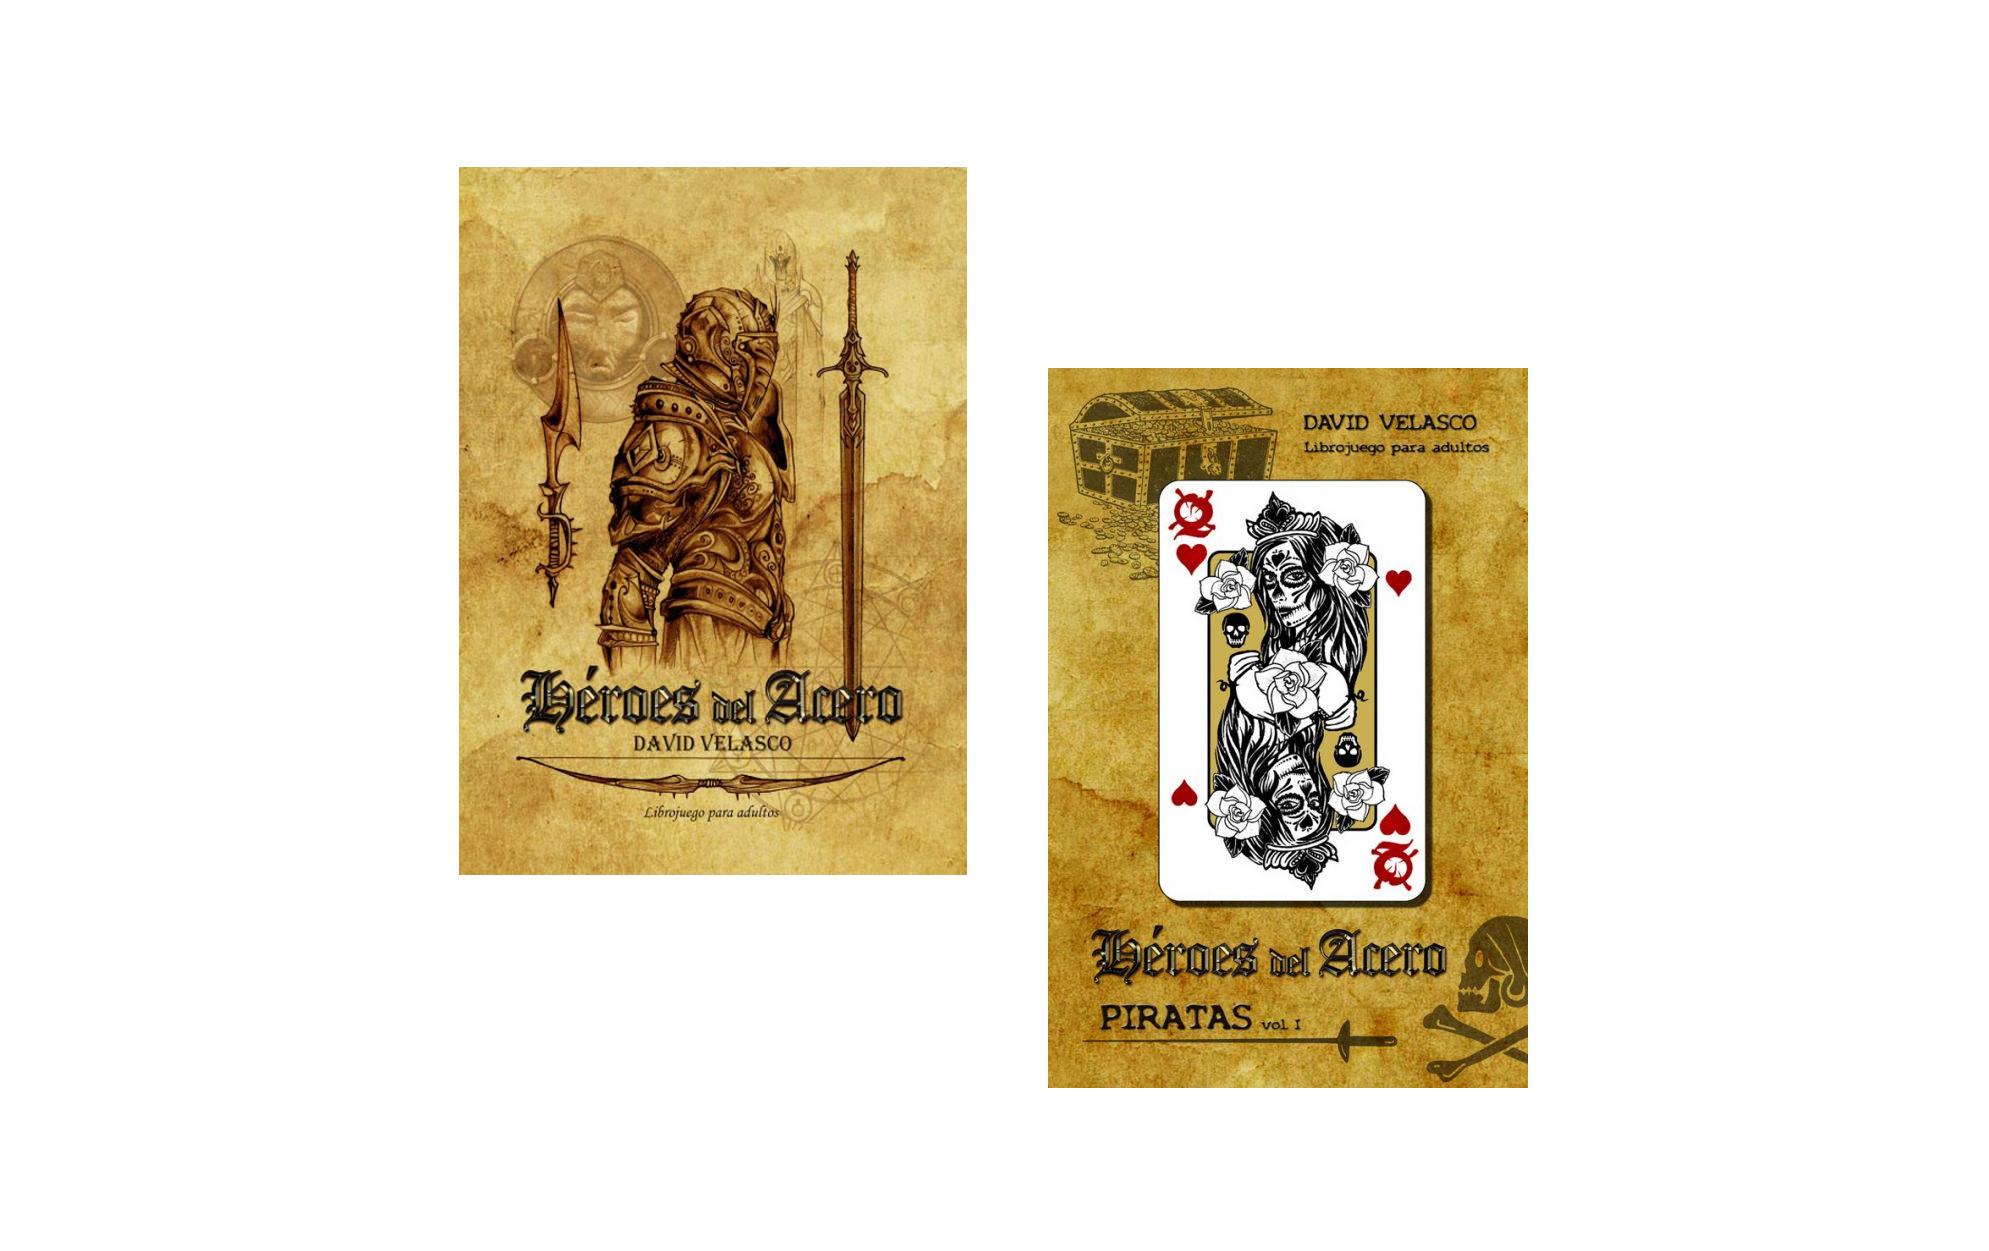 Heroes del Acero Piratas librojuego